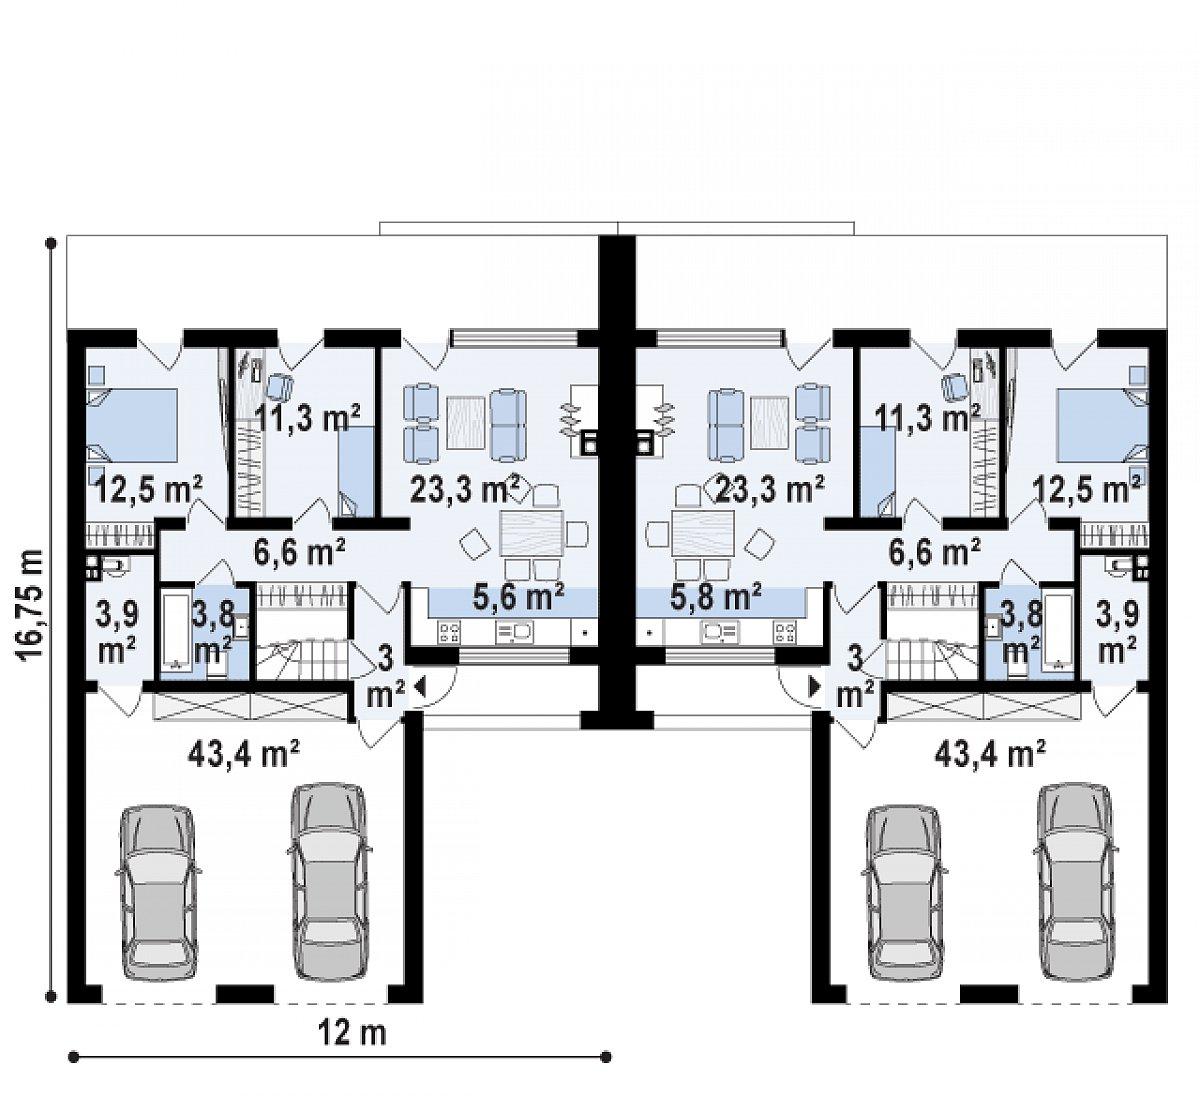 Первый этаж 66,4(113,6м²) дома Zb17